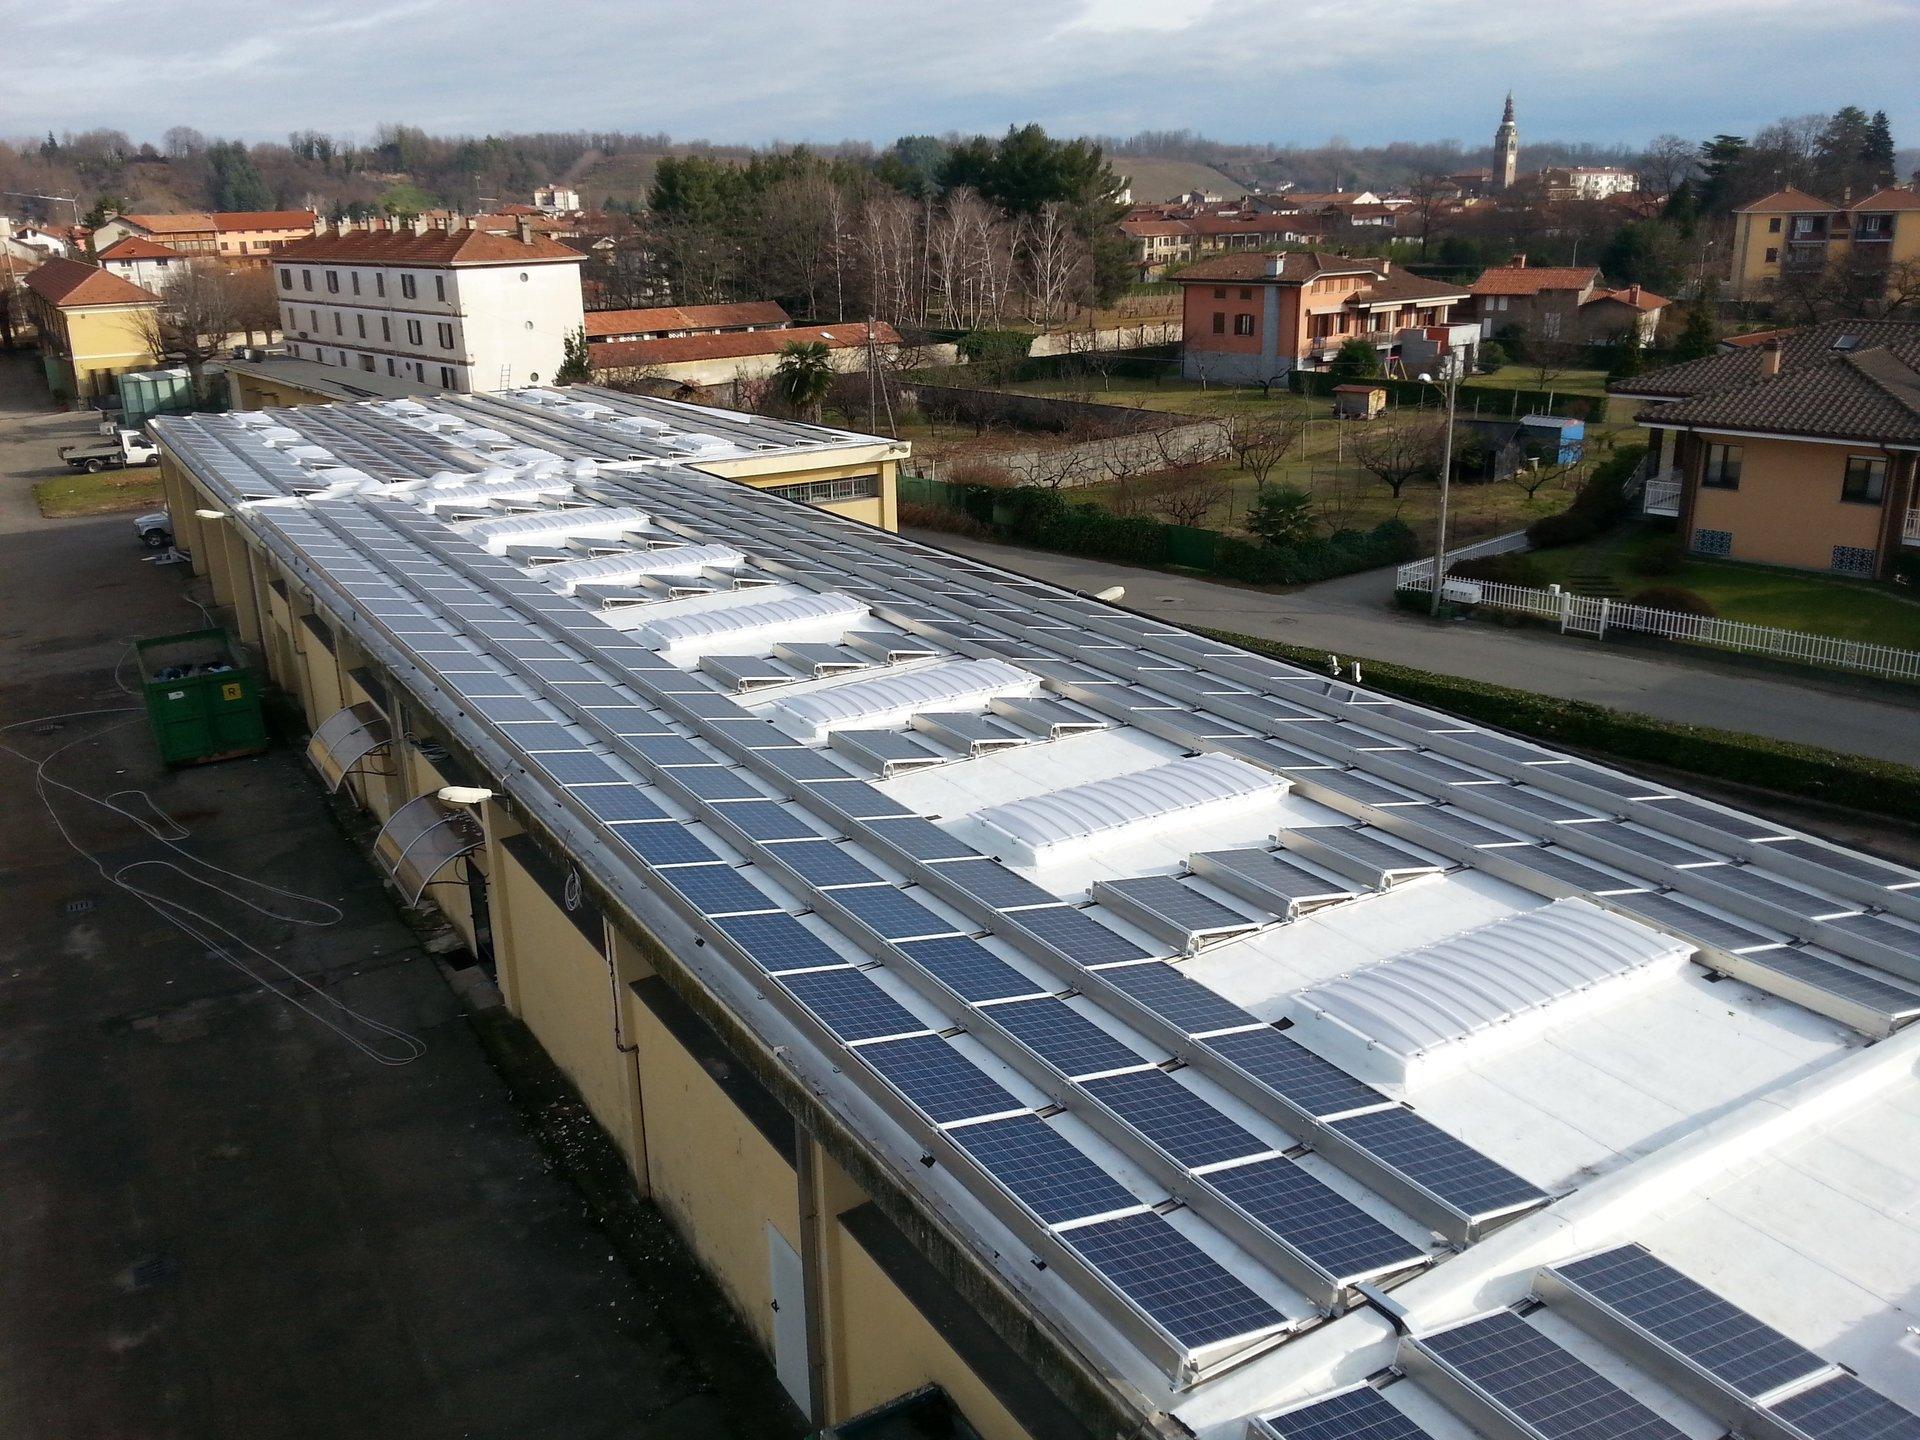 tetto di edificio industriale con lucernai e pannelli solari